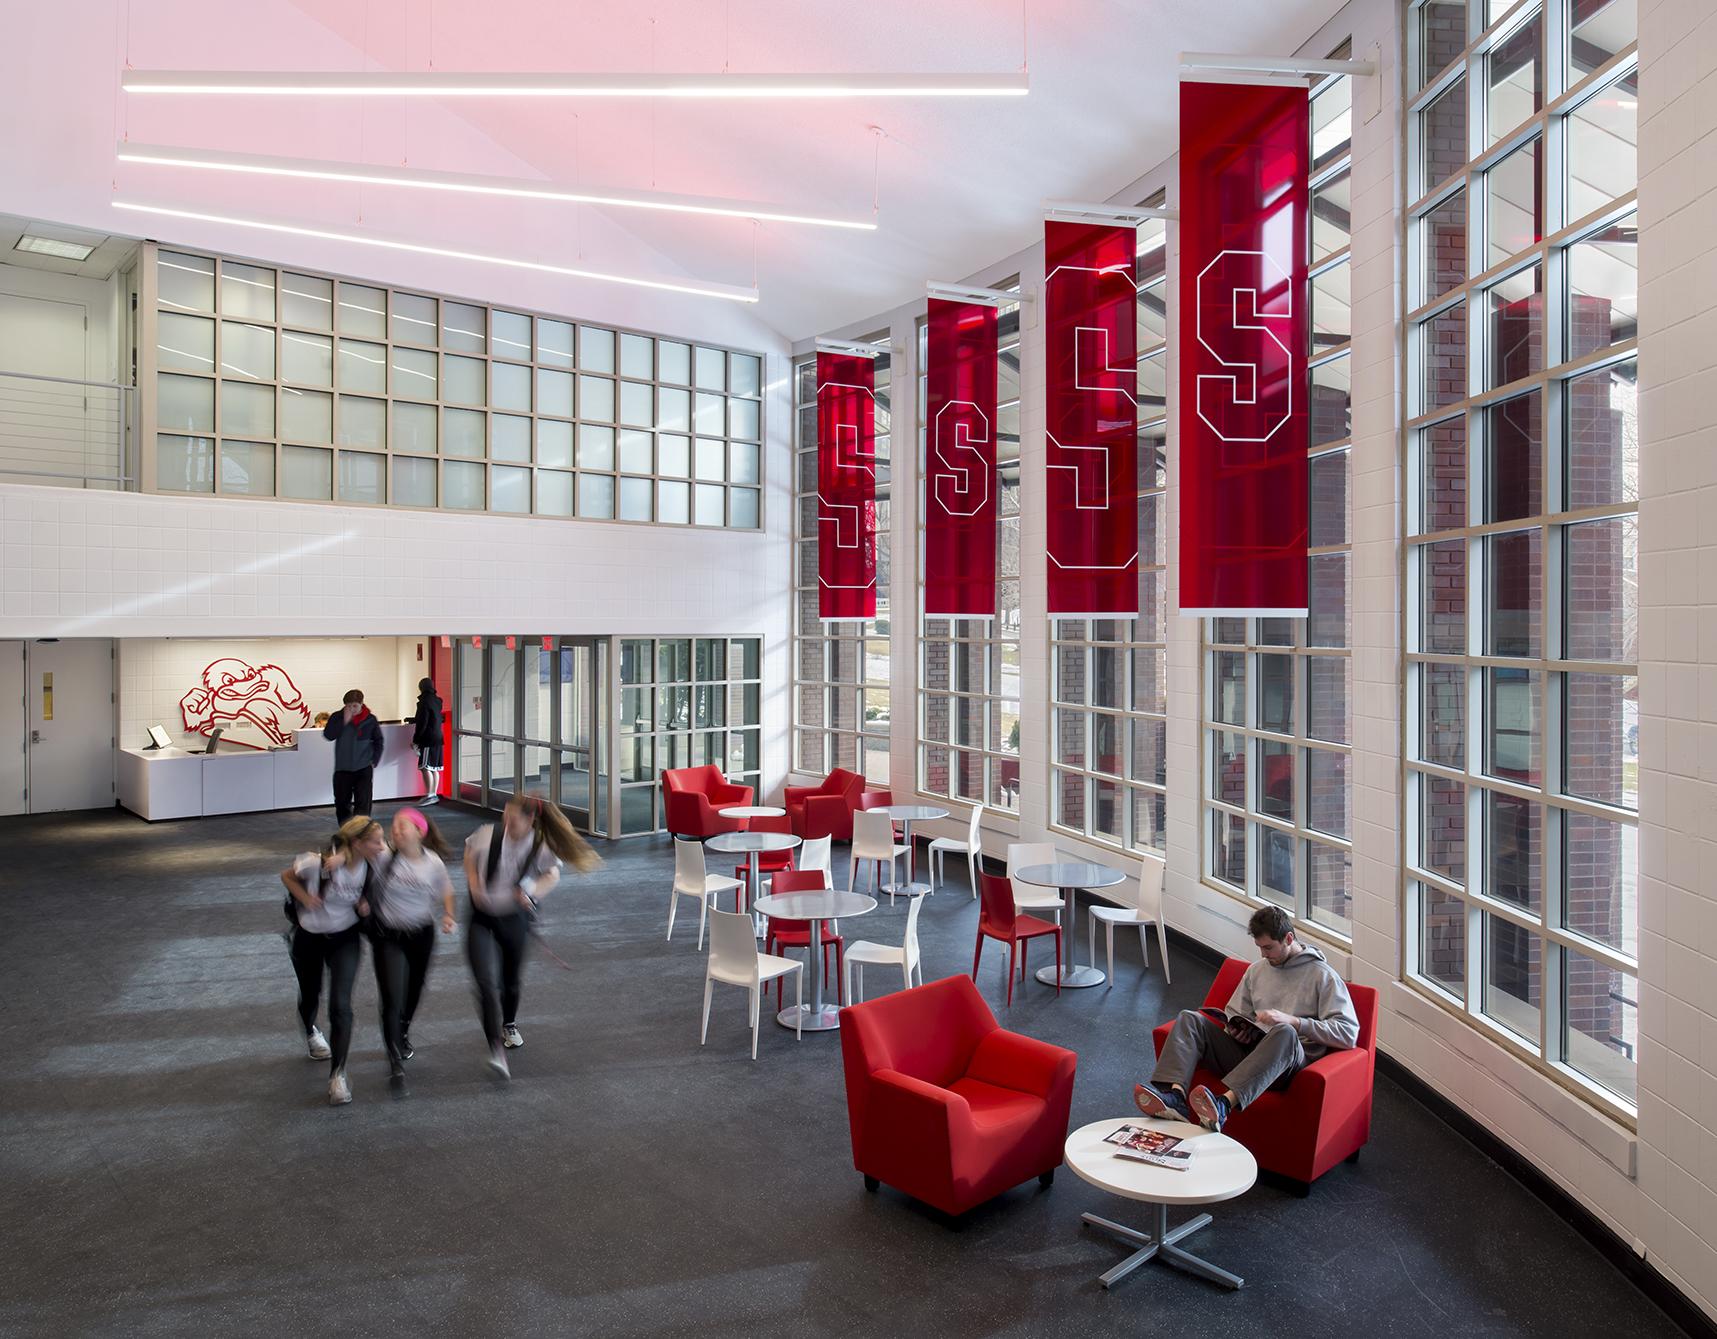 Stevens Institute of Technology | Hoboken NJ